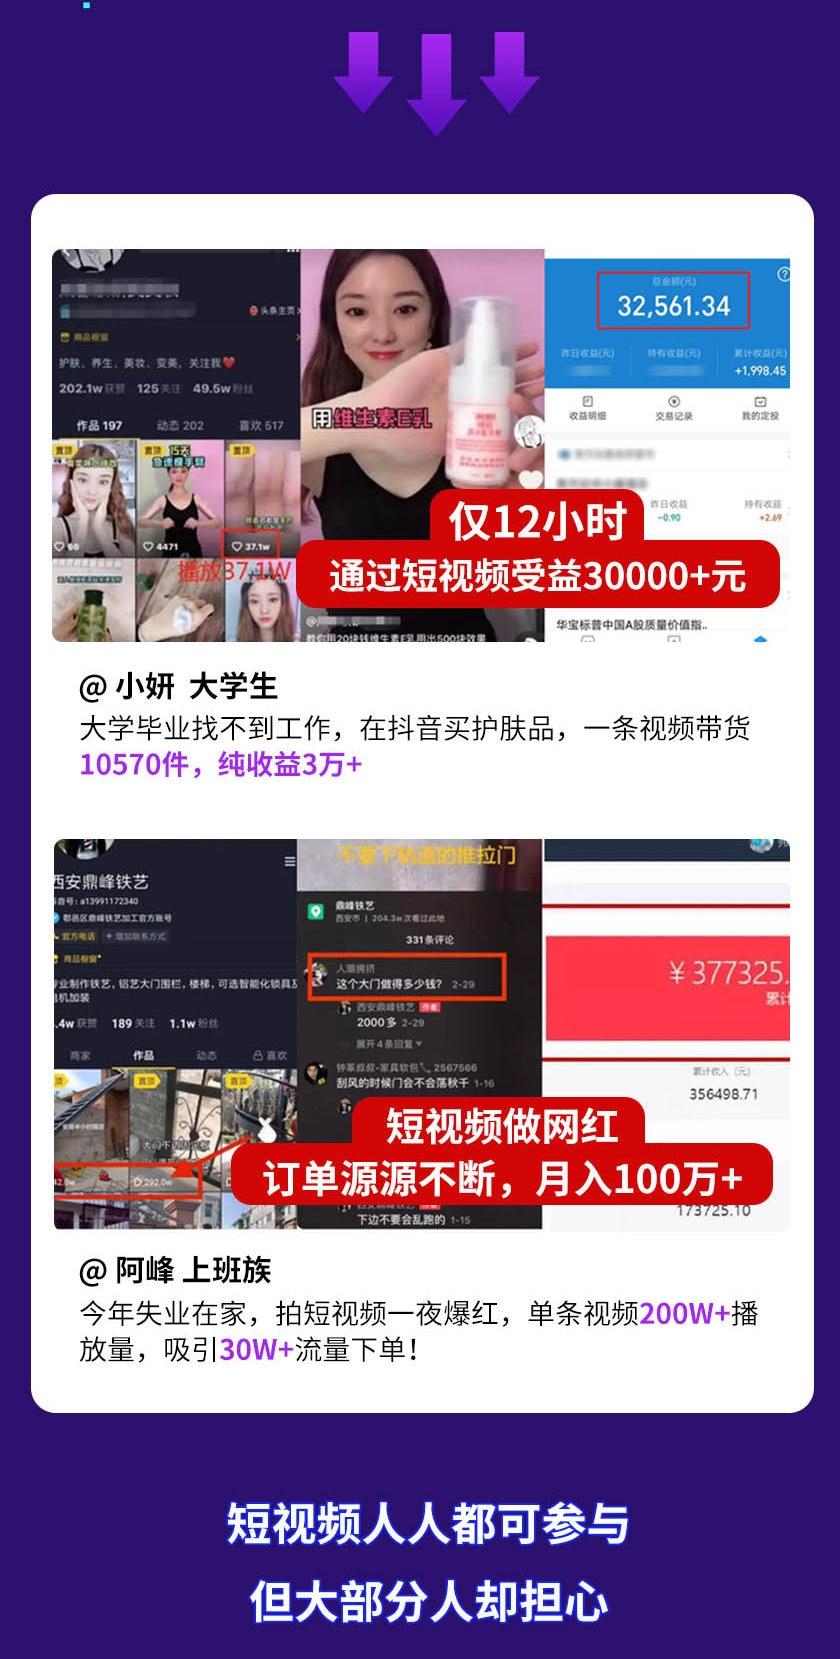 15天短视频掘金营:会玩手机就能赚钱,新手暴利玩法月入几万元(15节课)